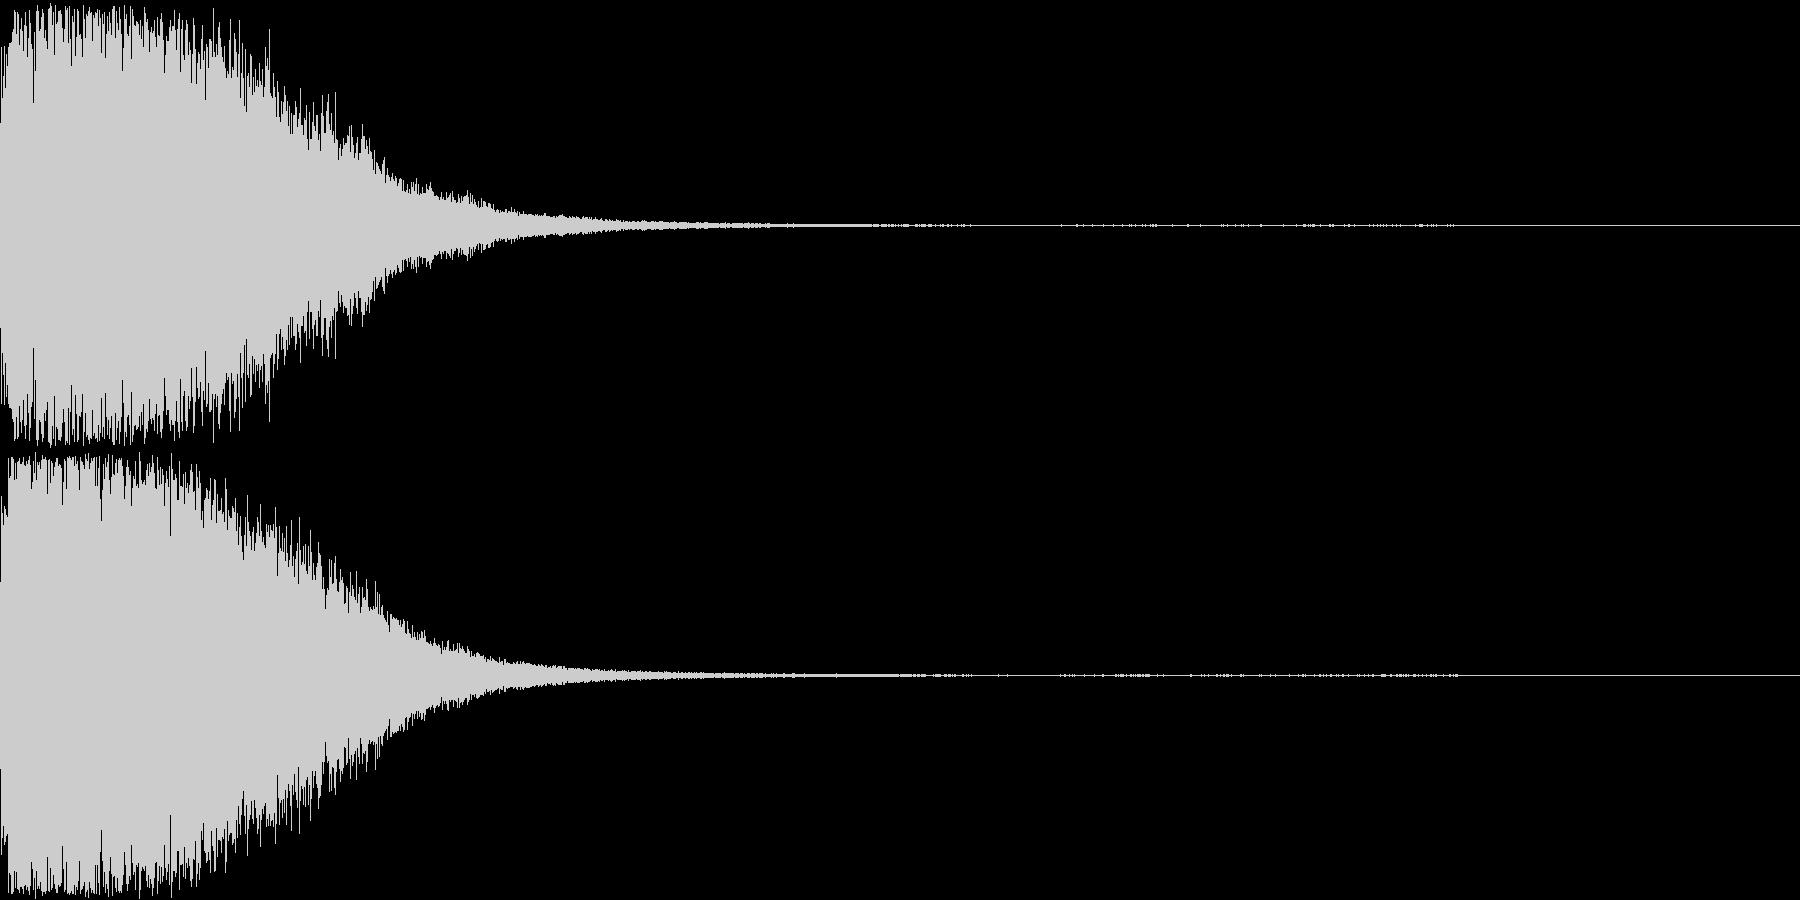 刀 剣 ソード カキーン キュイーン11の未再生の波形